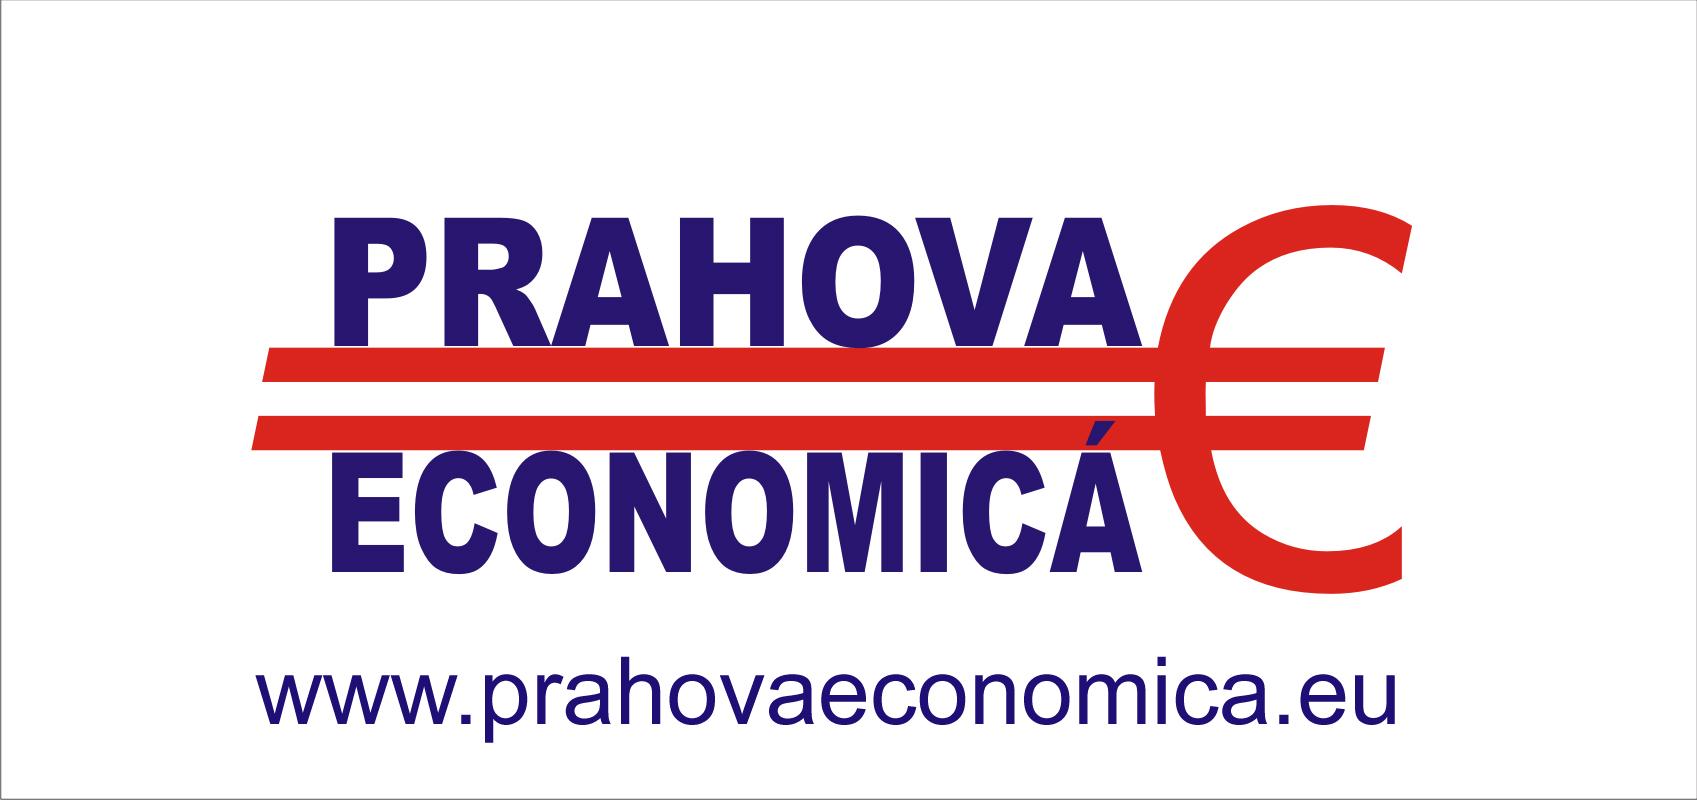 Emisiunea Prahova economică va fi difuzată şi pe Wyl FM începând de azi